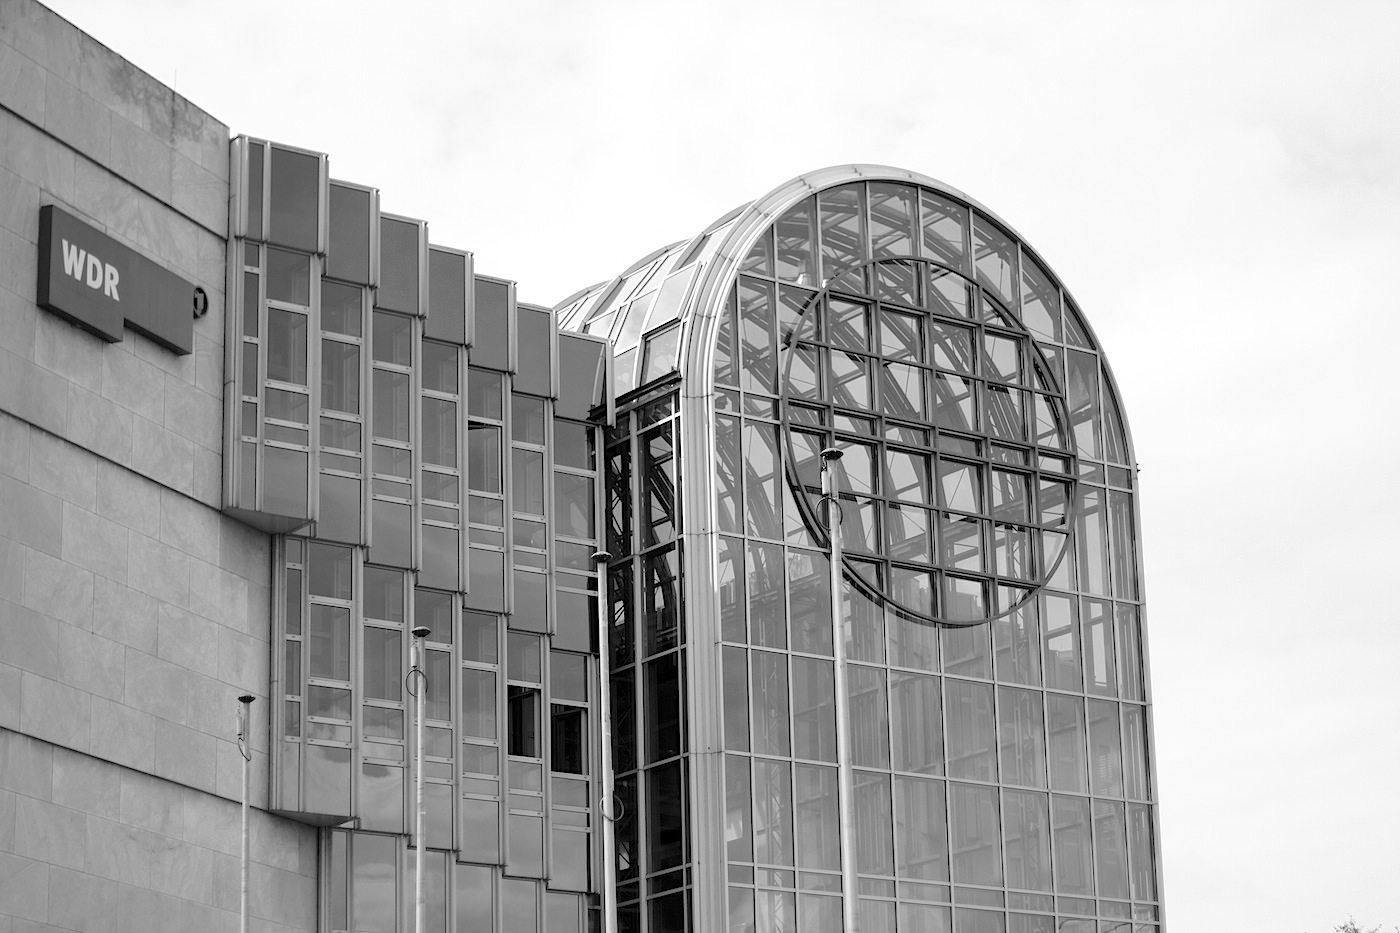 Westdeutscher Rundfunk, Funkhaus. Die 25 Meter hohe verglaste Eingangshalle soll einem Volksempfänger ähneln.